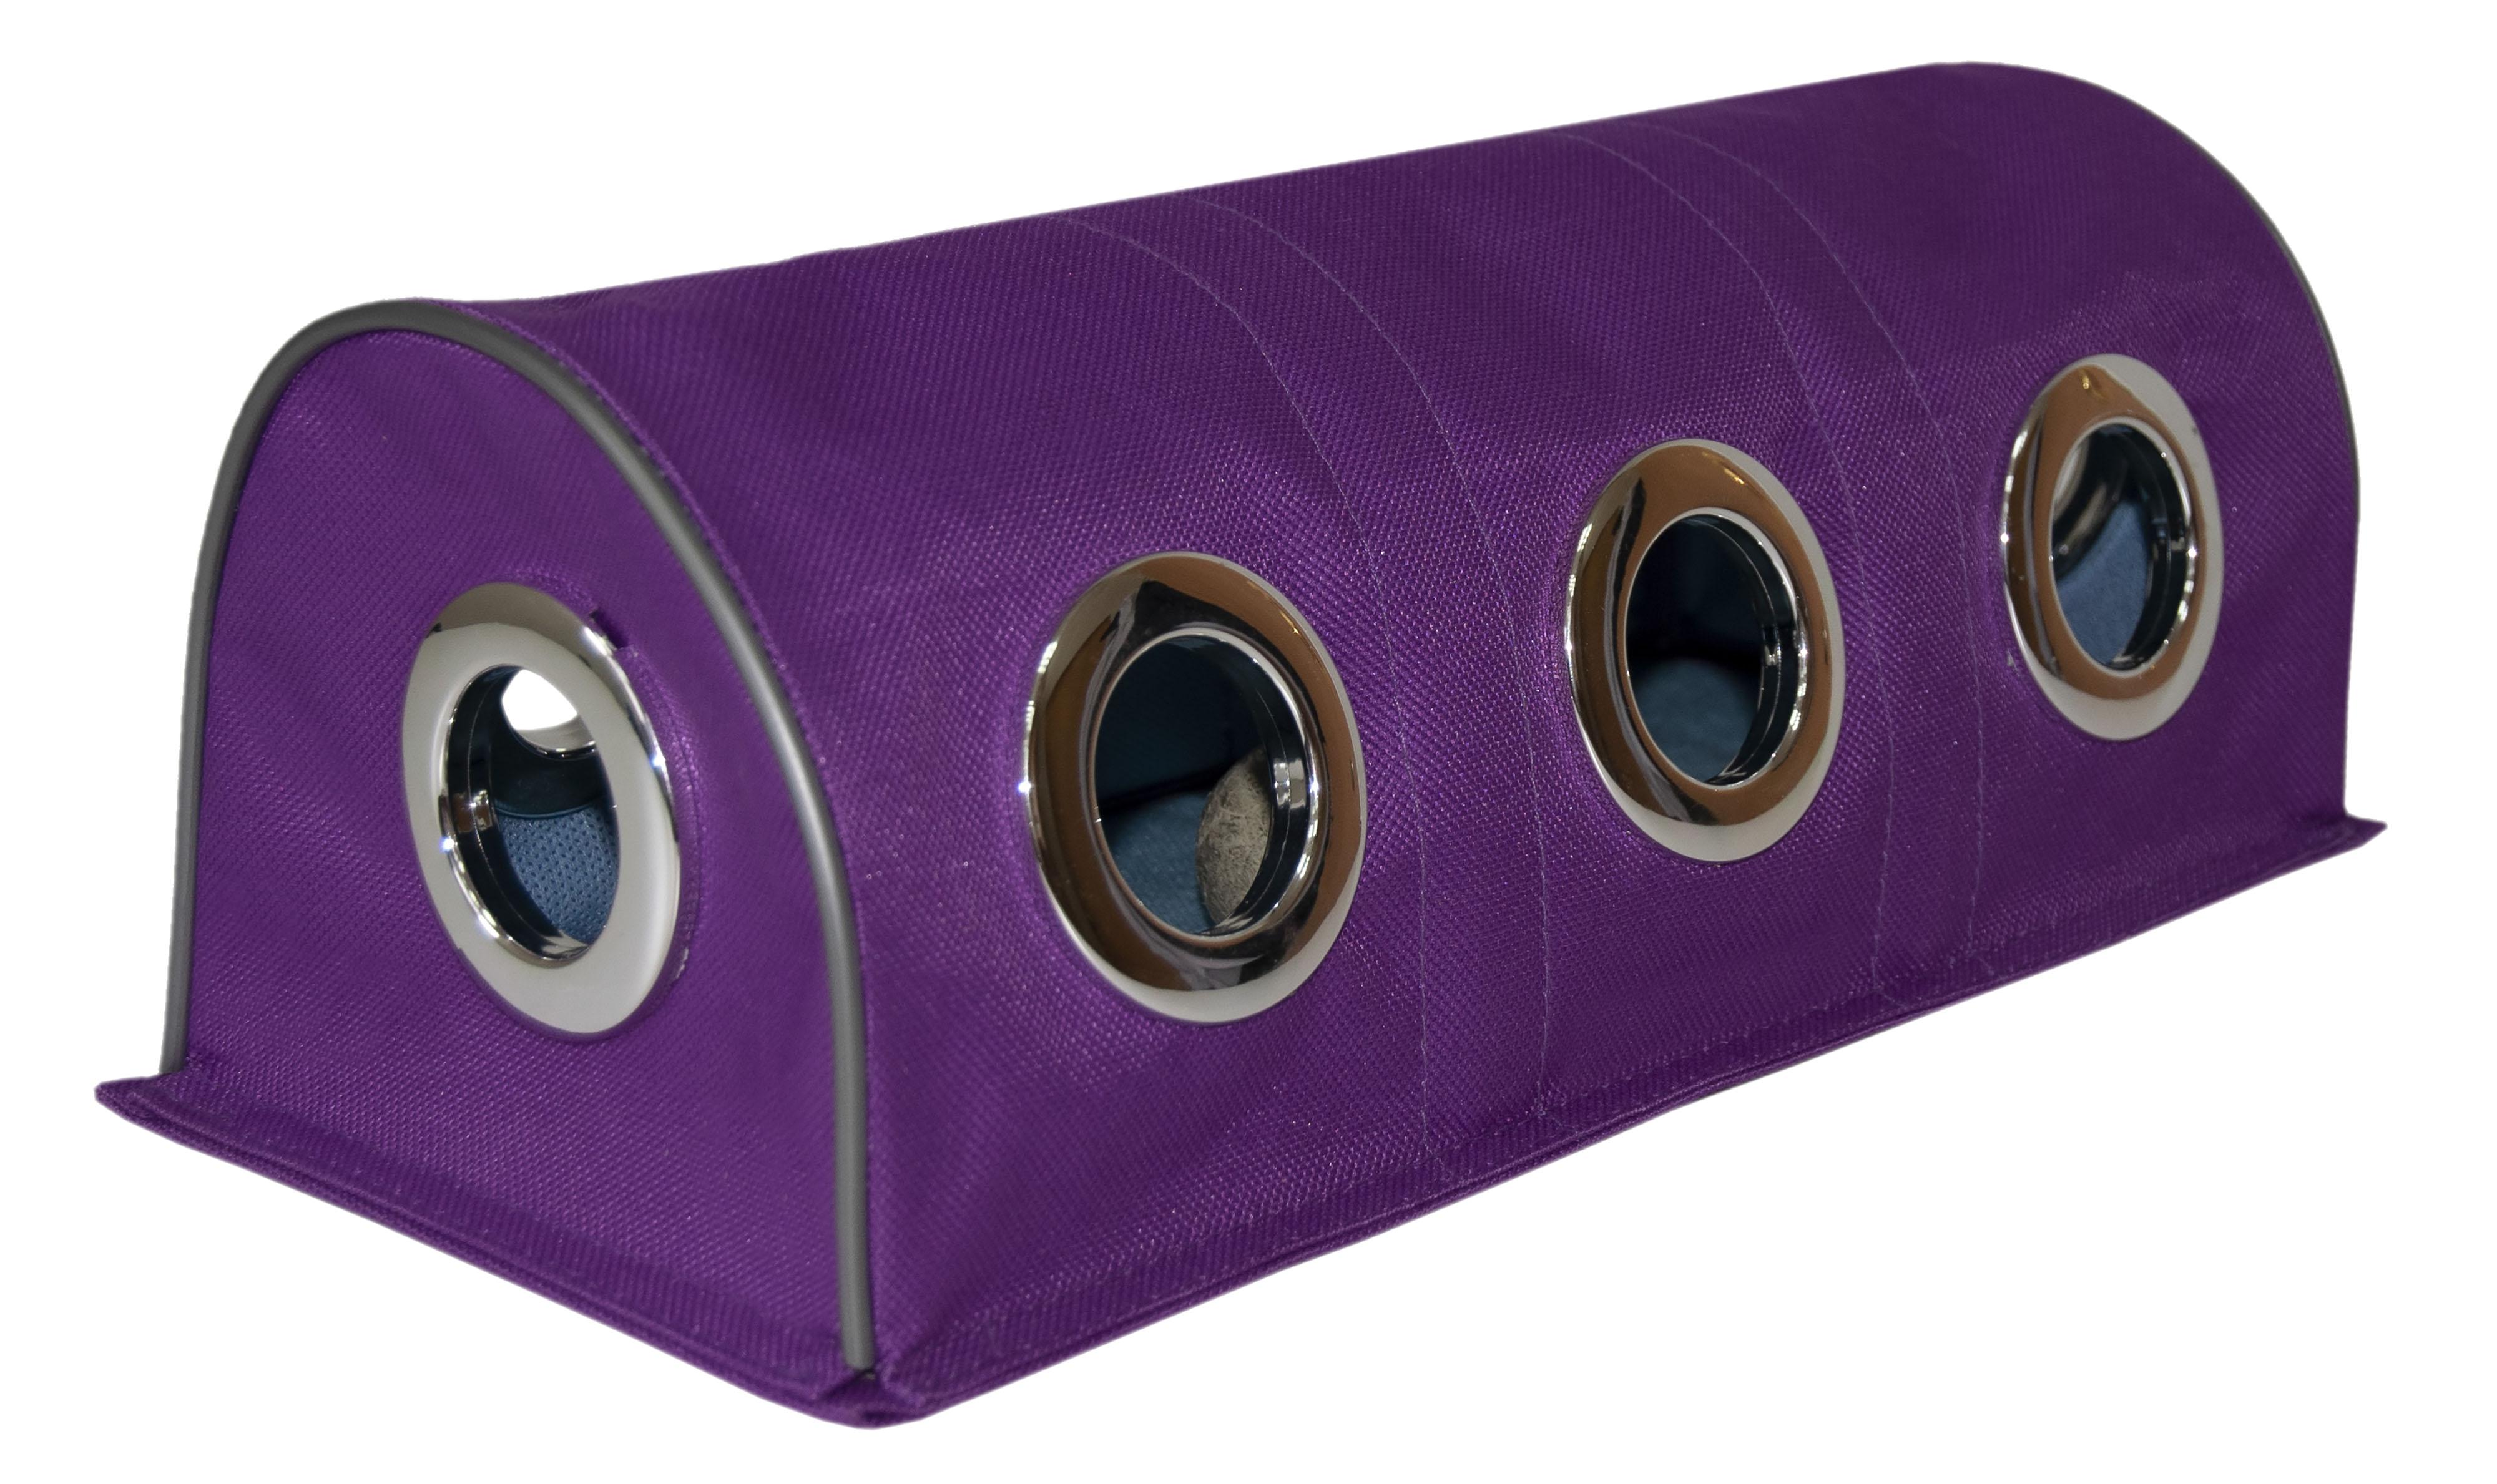 Тоннель для кошек Великий Кот, интерактивная игрушка, с мятным мячиком, фиолетовый